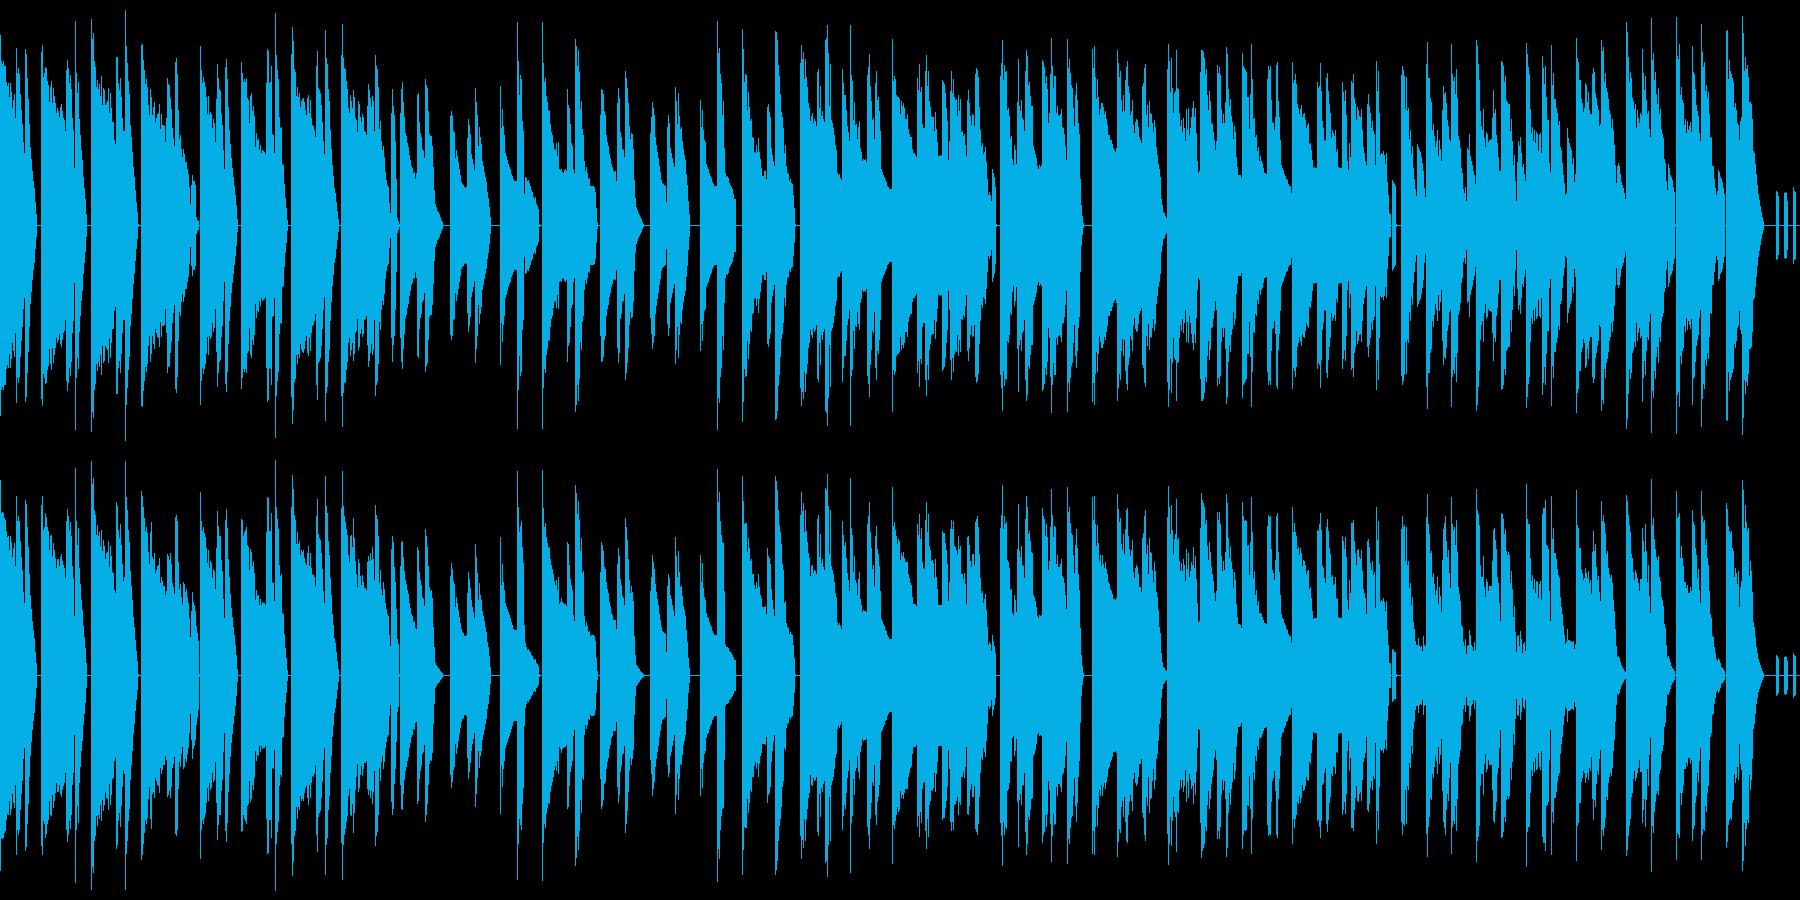 レトロゲーム風・小悪魔・小悪党・ループの再生済みの波形